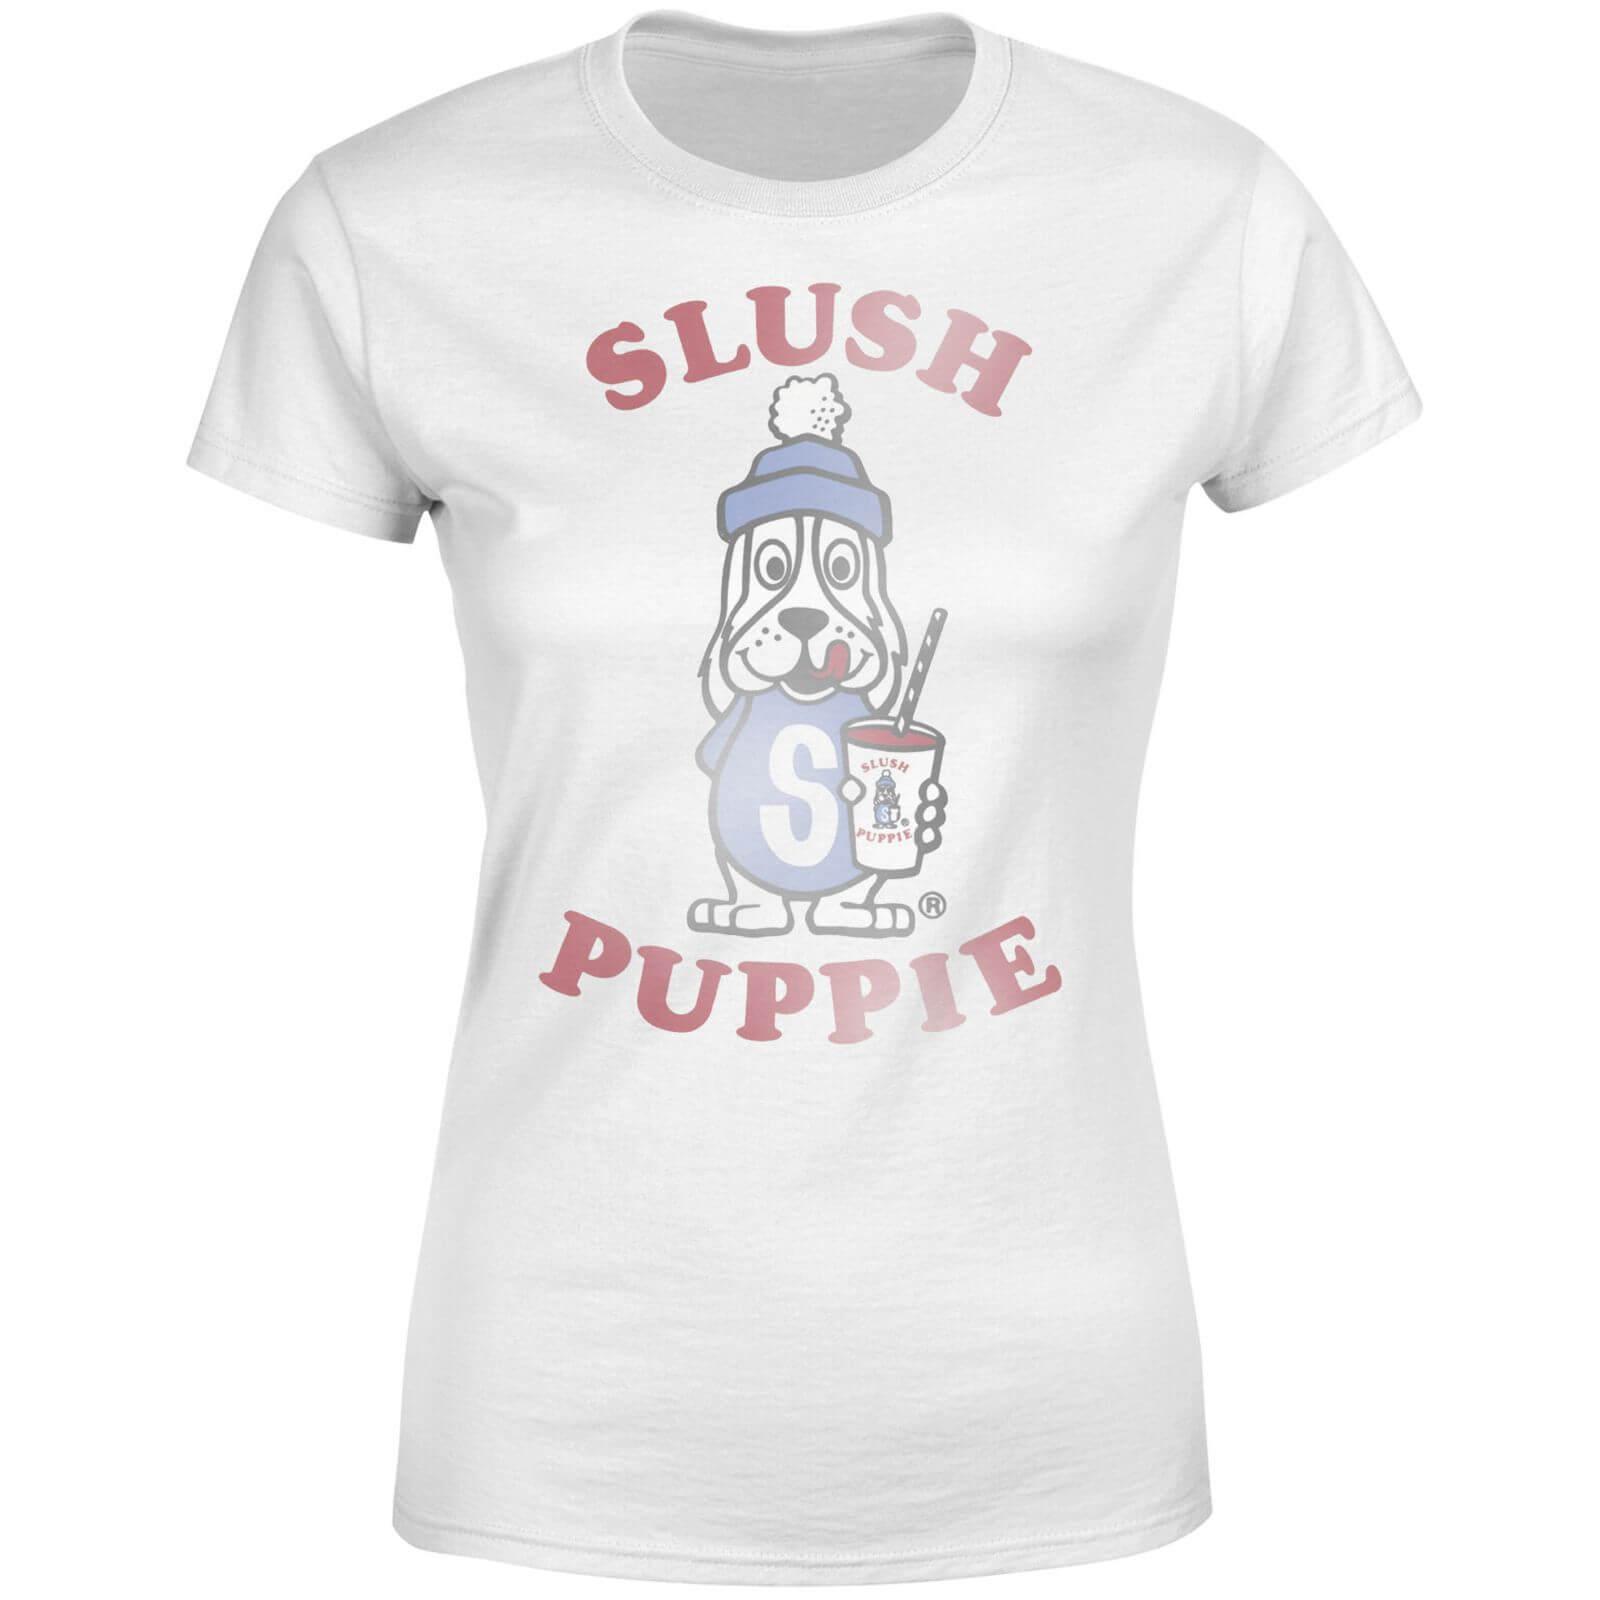 Slush Puppie Slush Puppie Women's T-Shirt - White - L - White